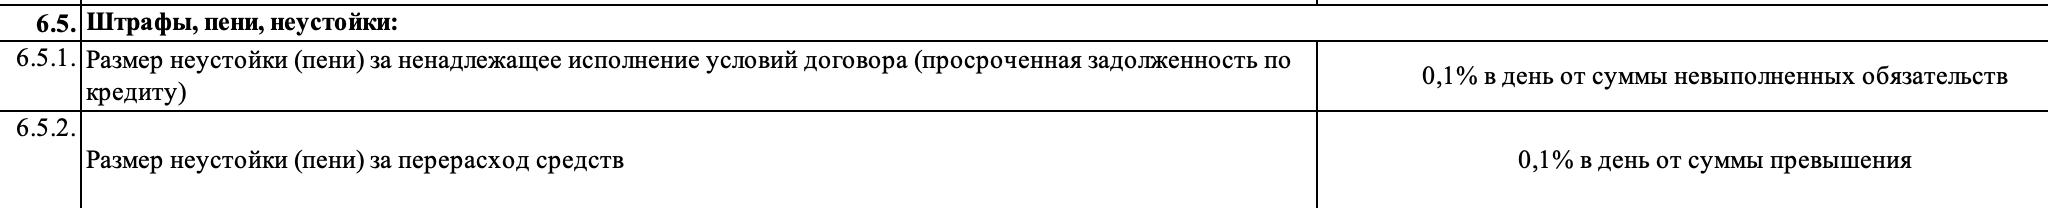 втб кредитная карта 101 условия на подключение